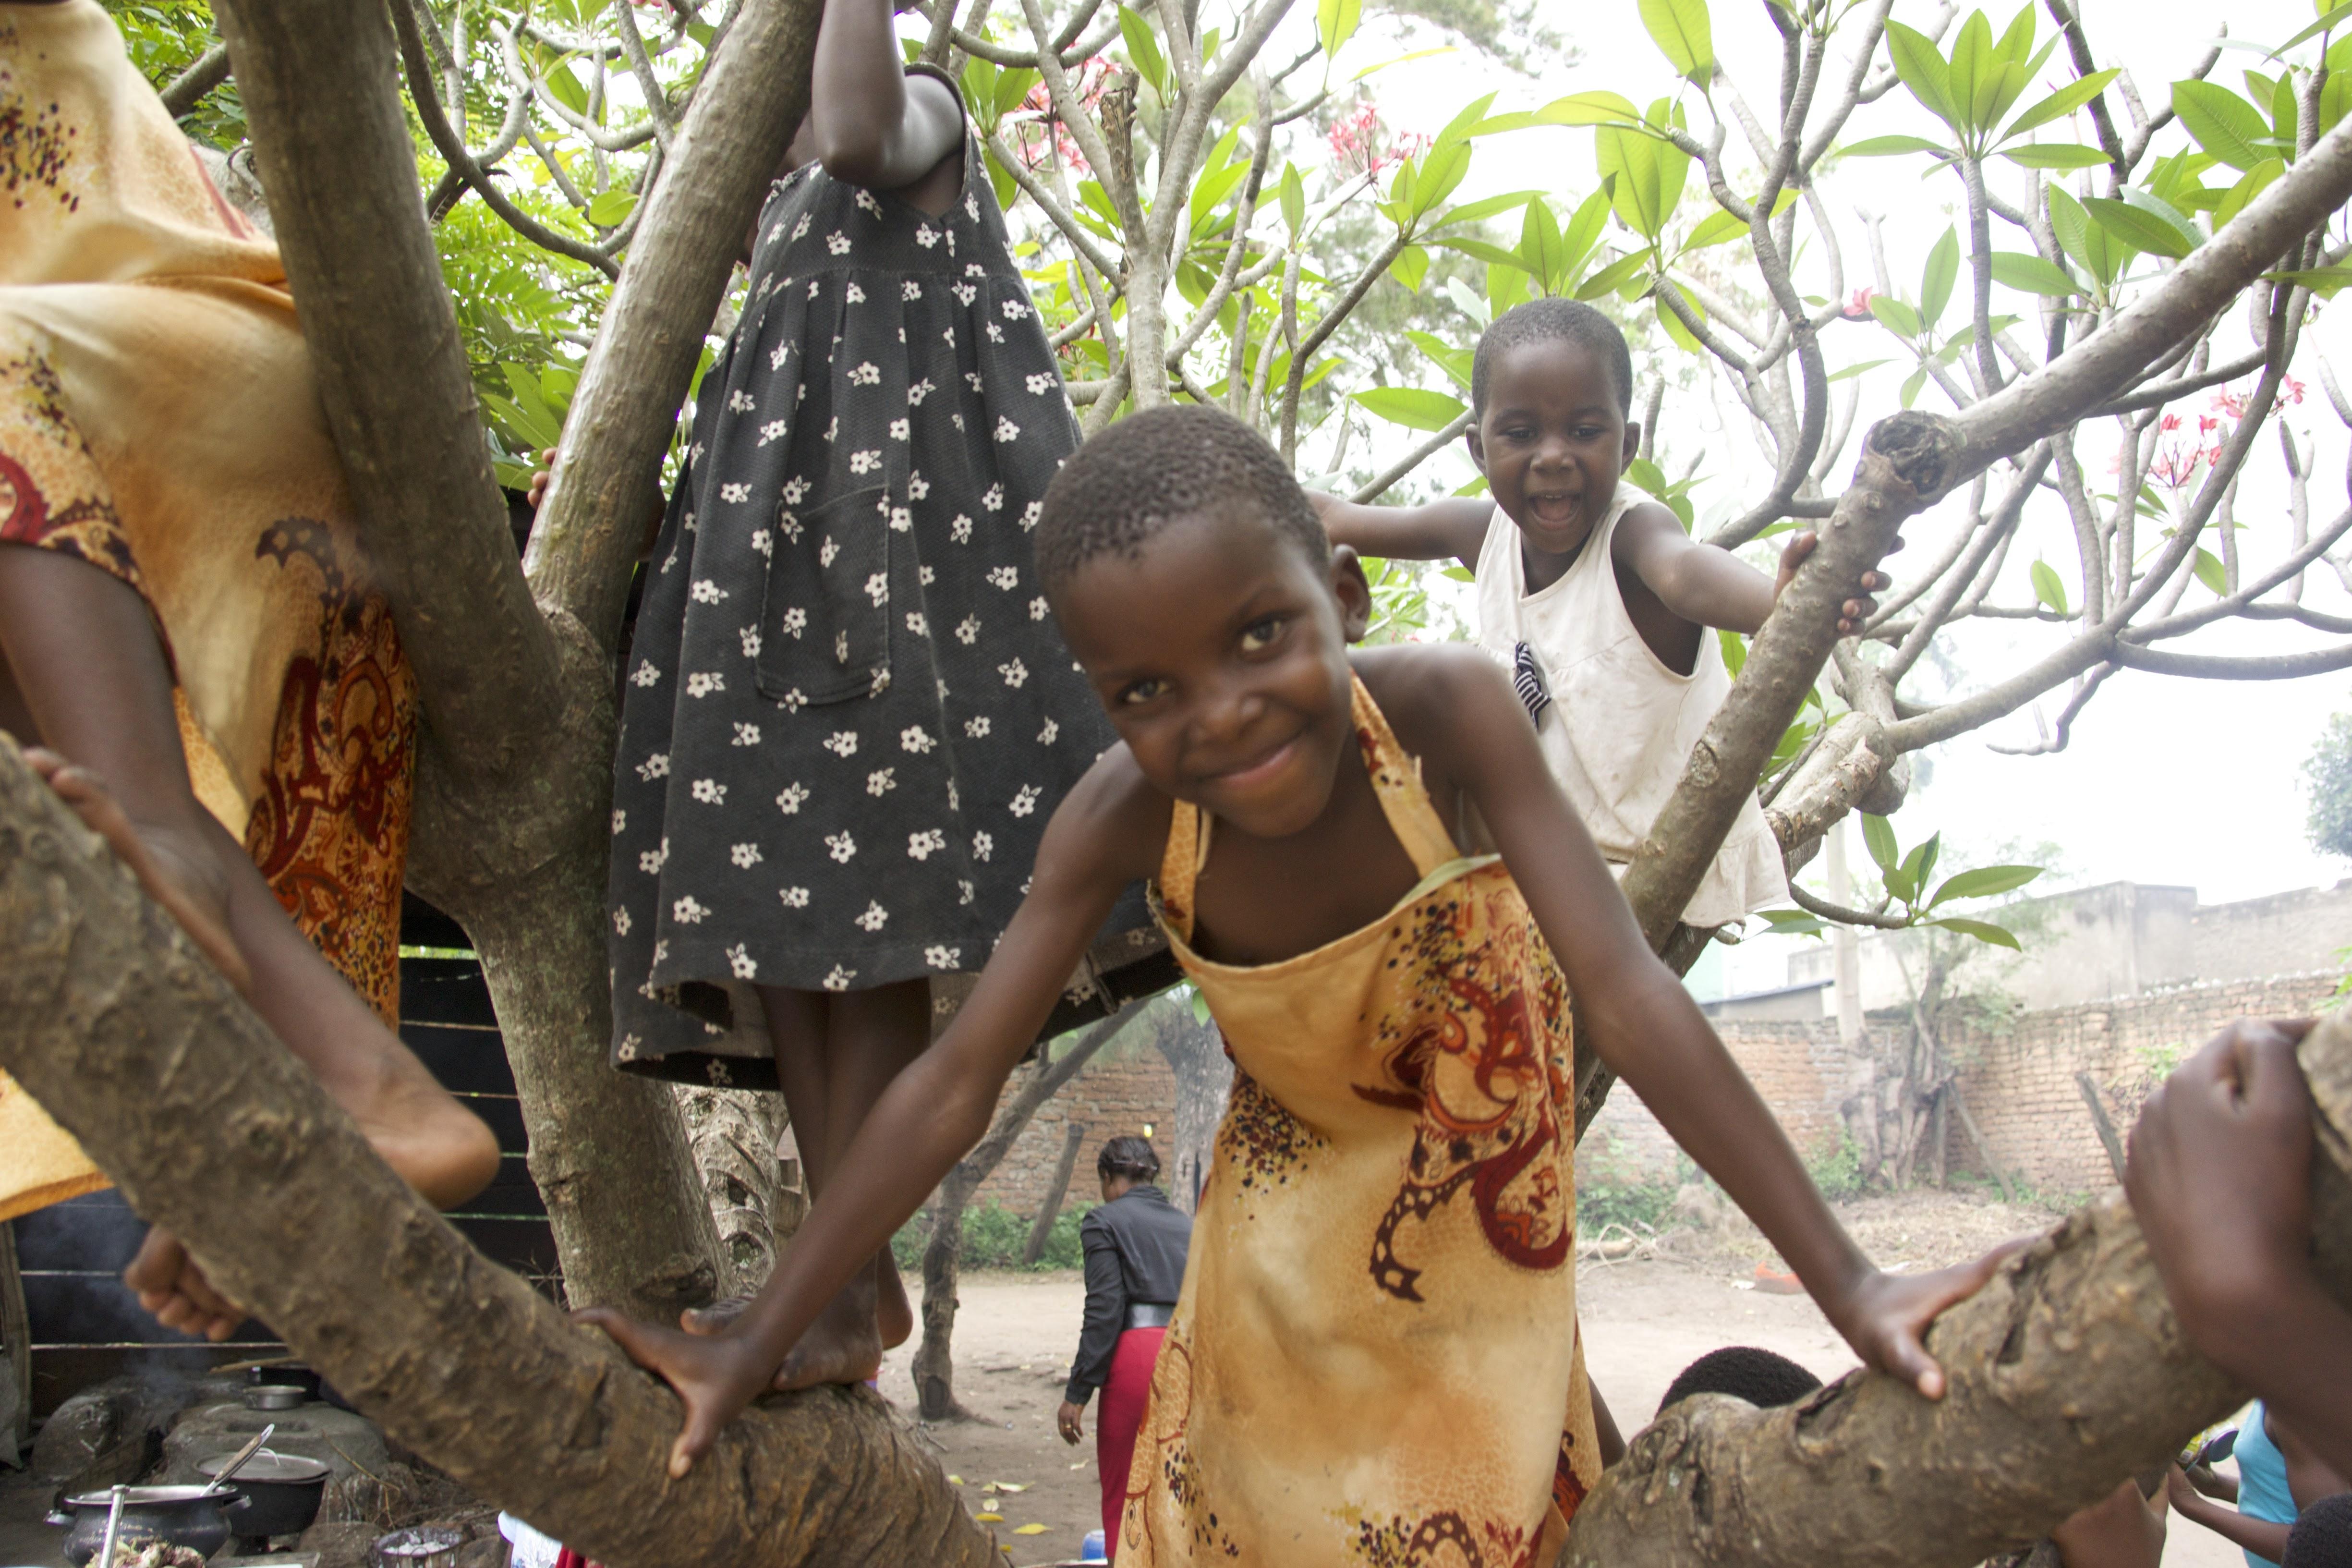 Ugandan girls in a tree